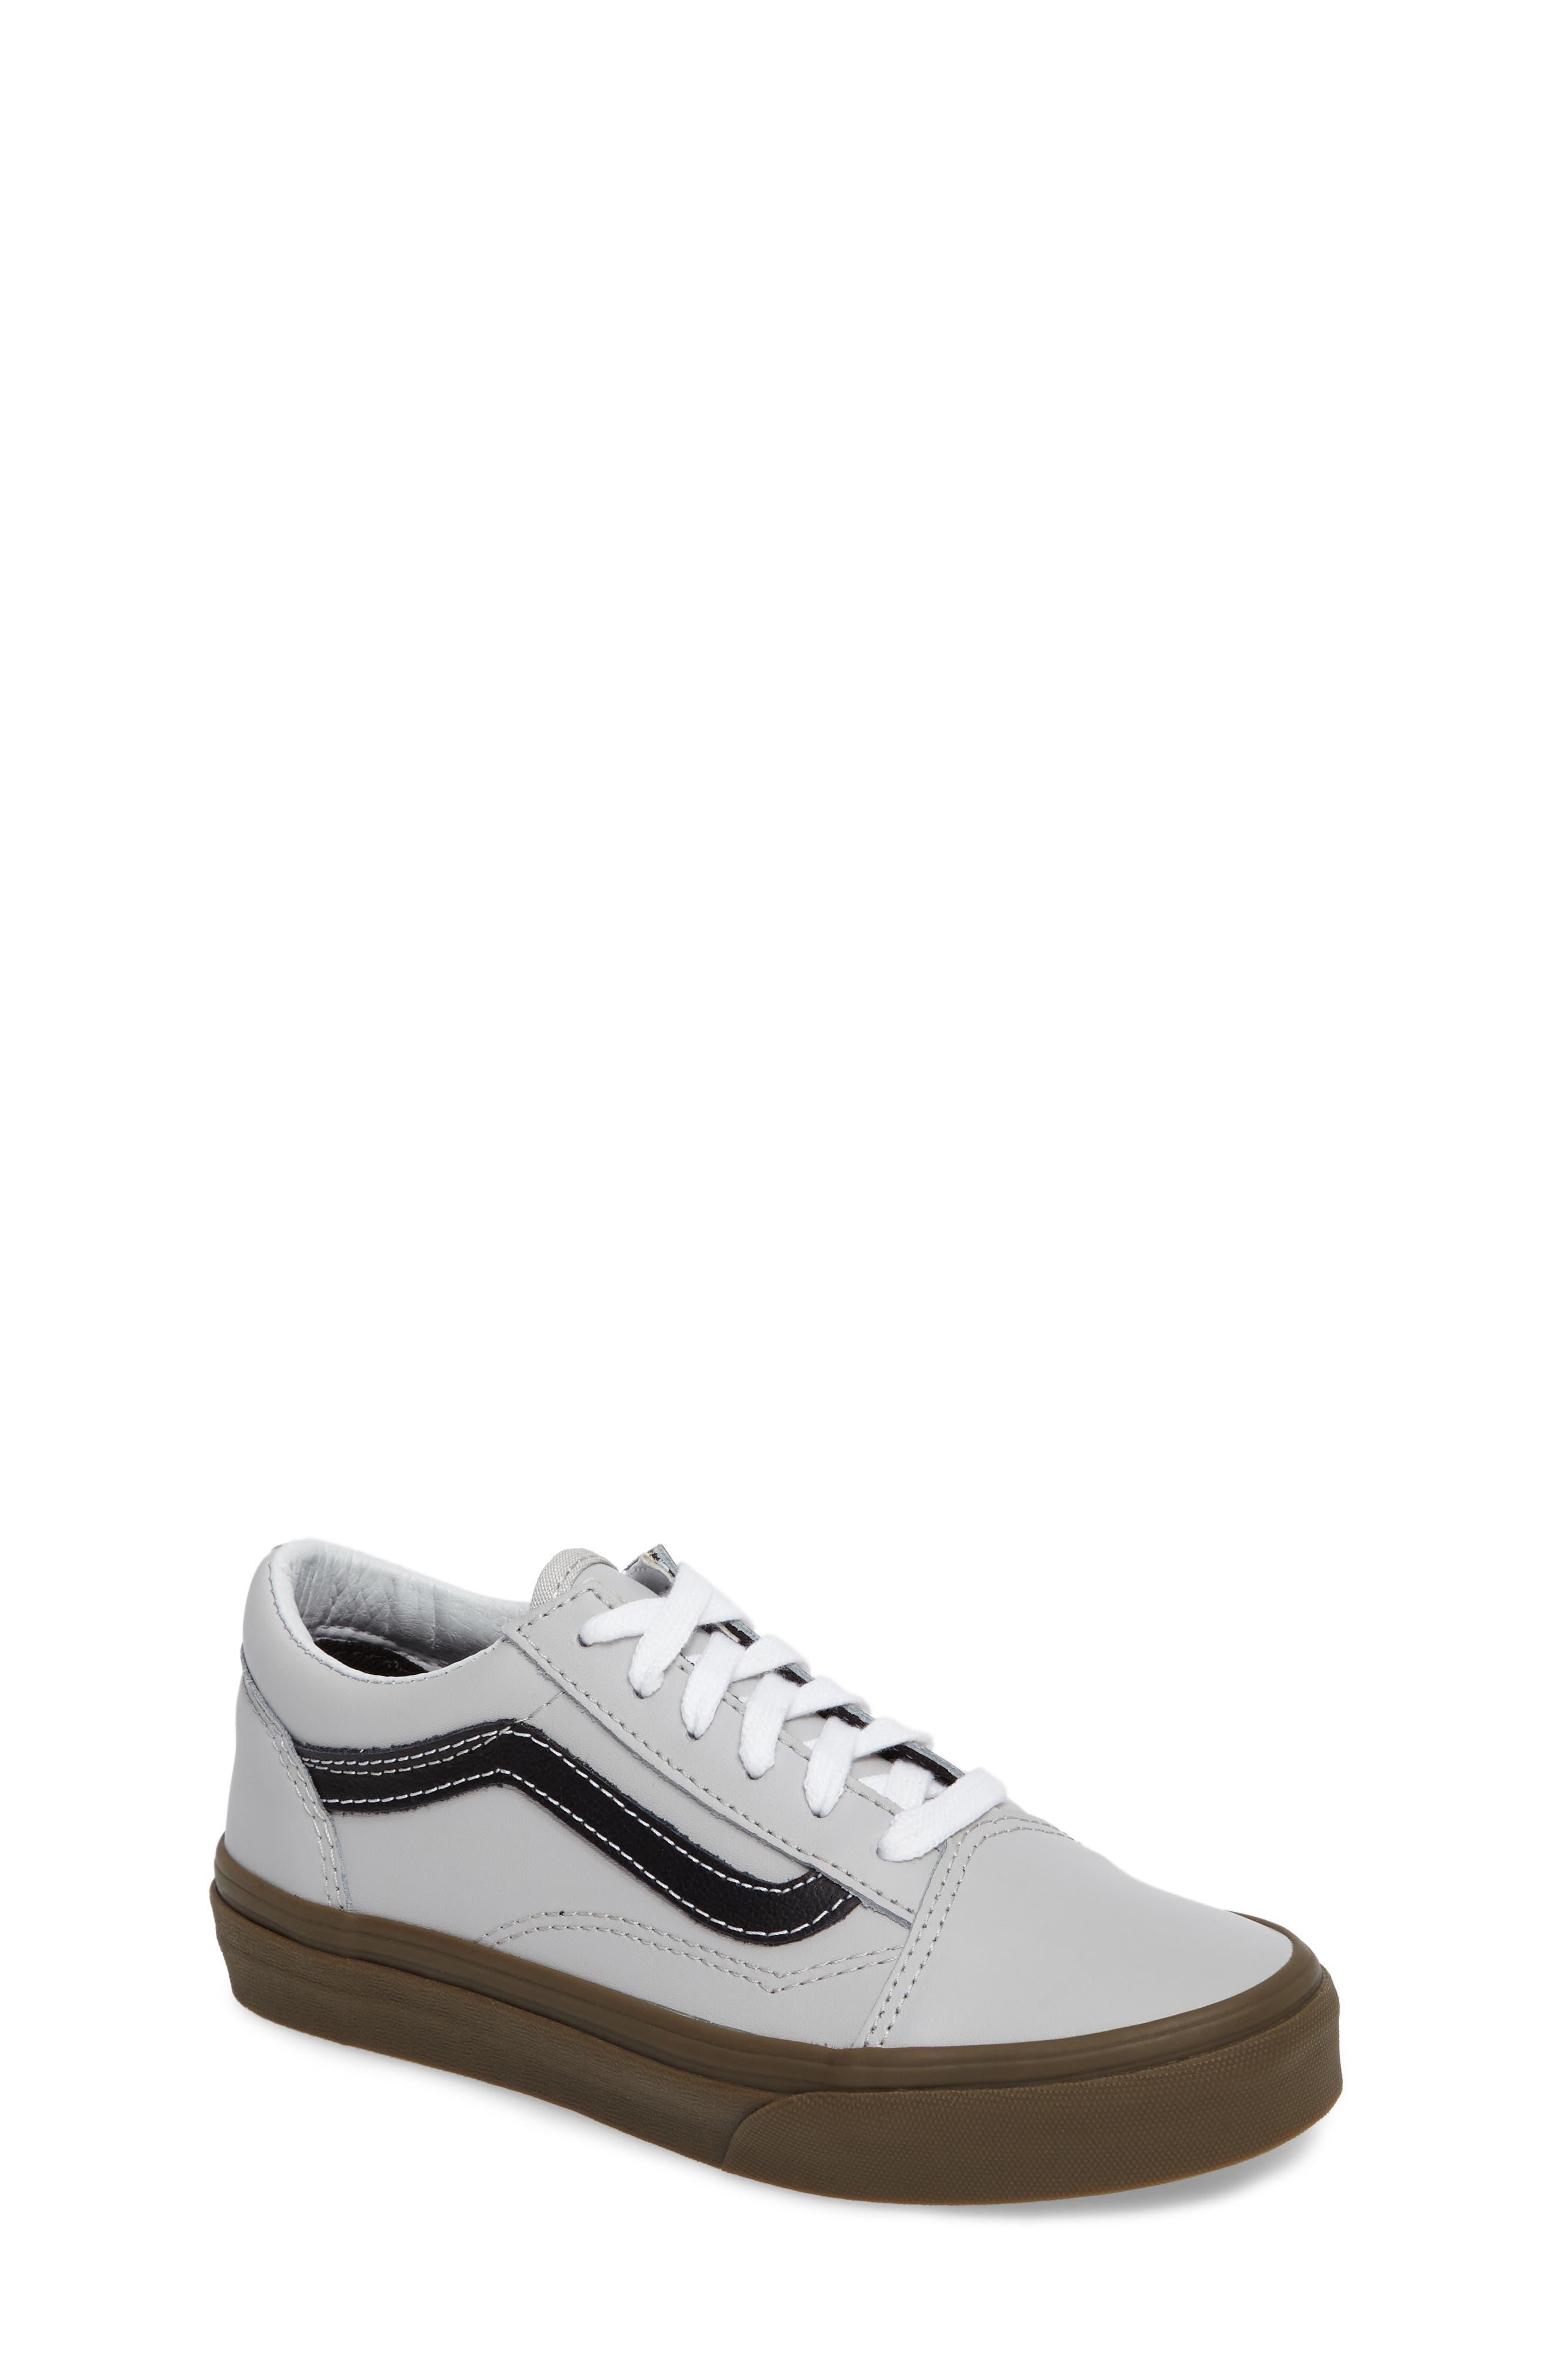 Old Skool Sneaker,                         Main,                         color, 030